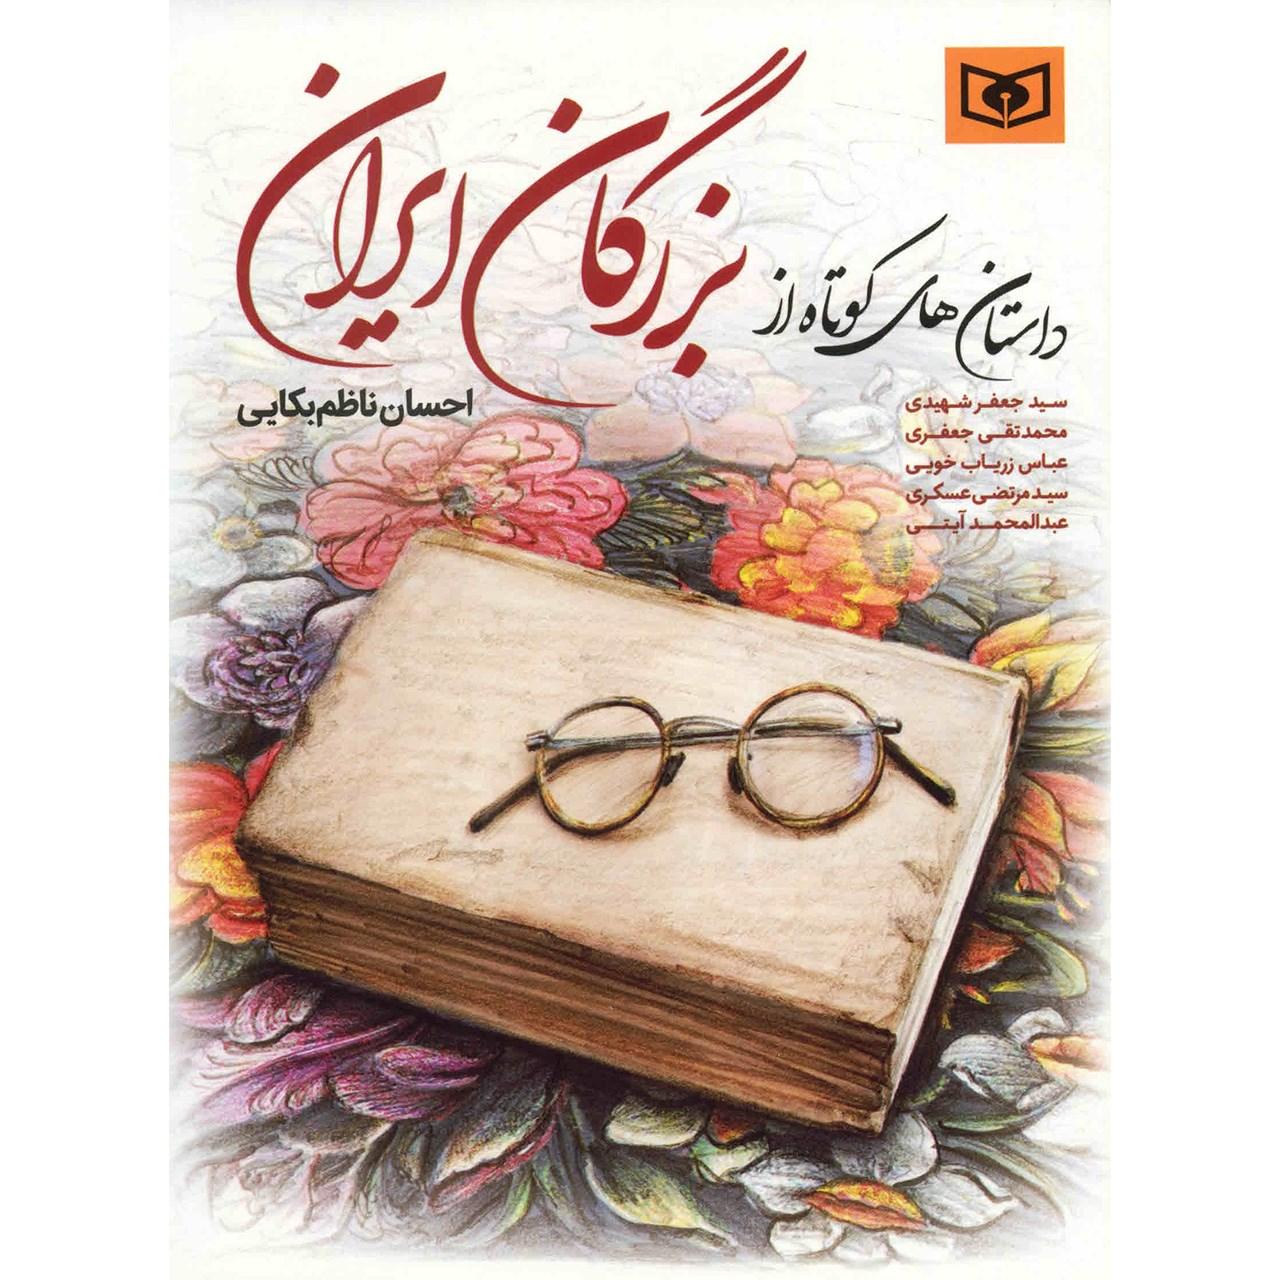 خرید                      کتاب داستان های کوتاه از بزرگان ایران اثر احسان ناظم بکایی